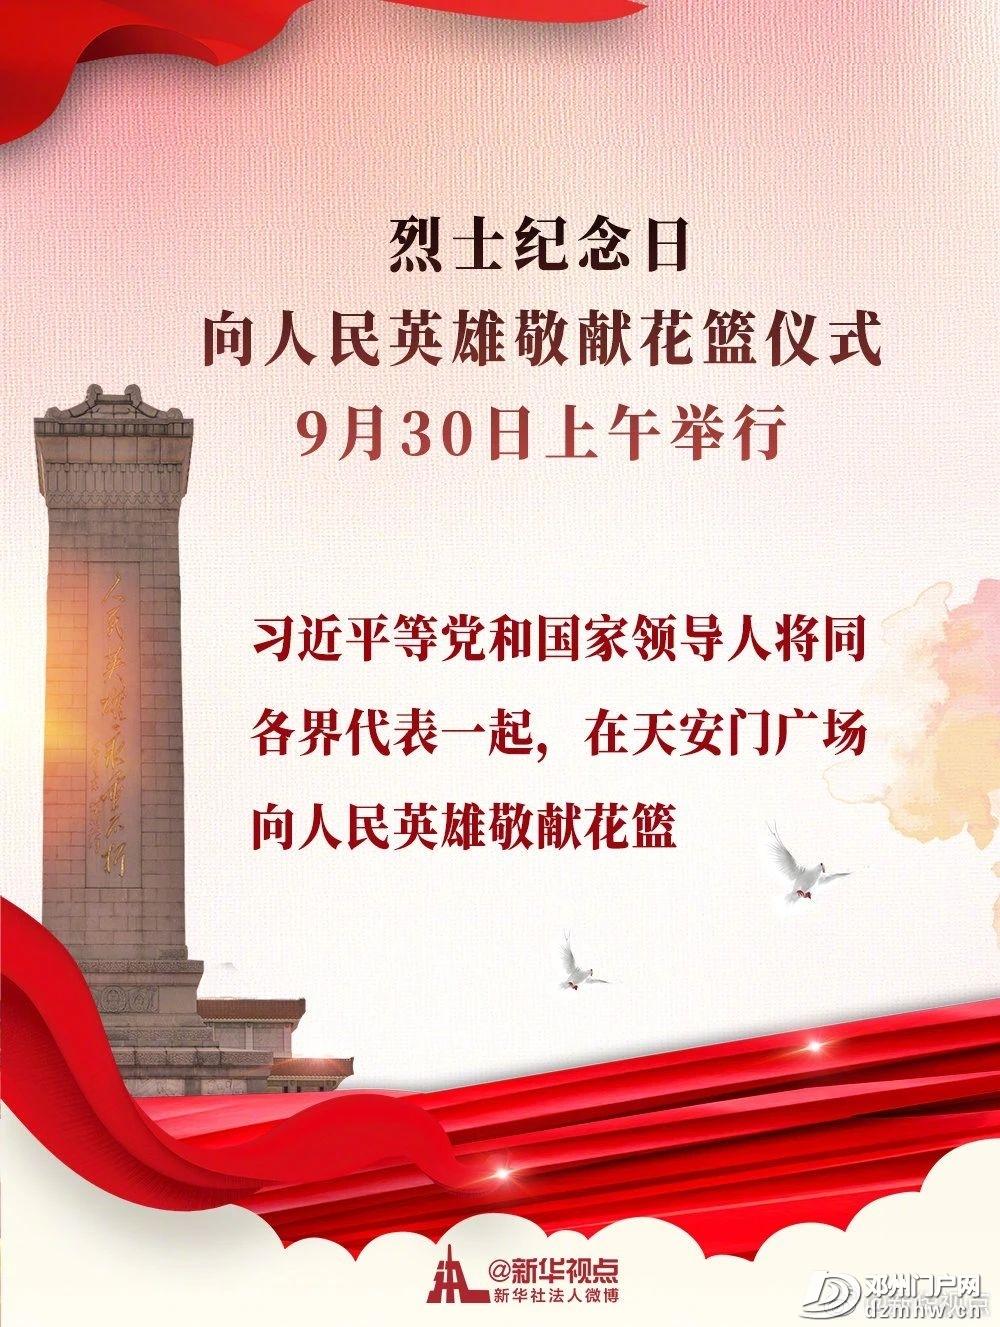 明日,天安门广场将举行这场重要仪式 - 邓州门户网 邓州网 - 394868b4f7e0b3b029833c94d418f52f.jpg